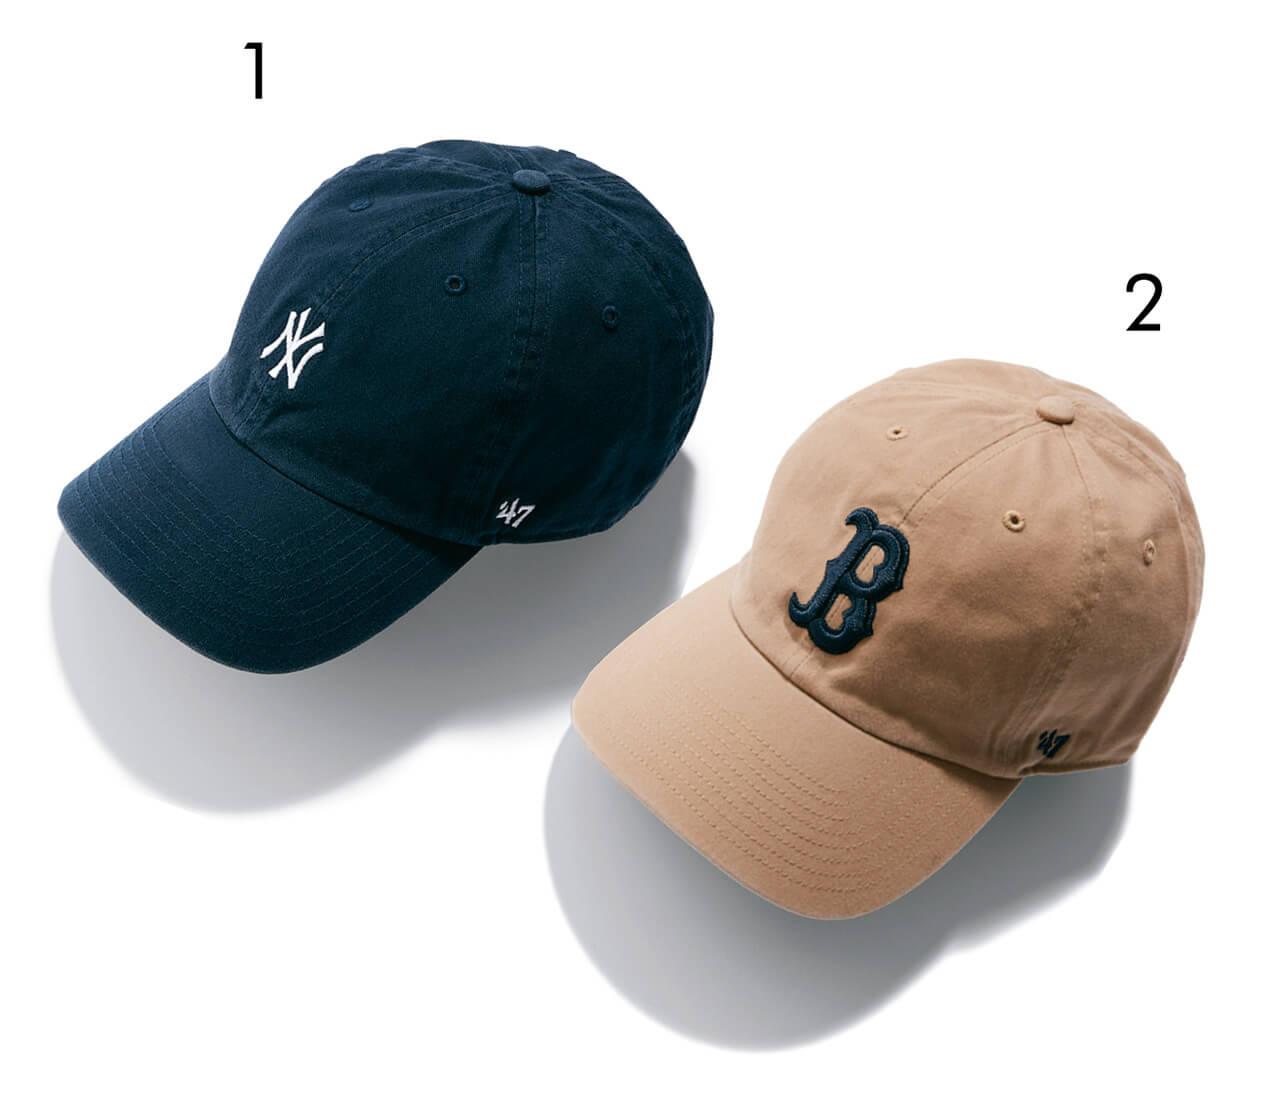 1)ヤンキースのロゴを小さめのあしらいにすることで、ぐっと親しみやすい印象に。¥3850・2)正統派のMLBキャップはキャメル×ネイビーの上品配色で楽しみたい。¥3520/OSM インターナショナル(フォーティーセブン)